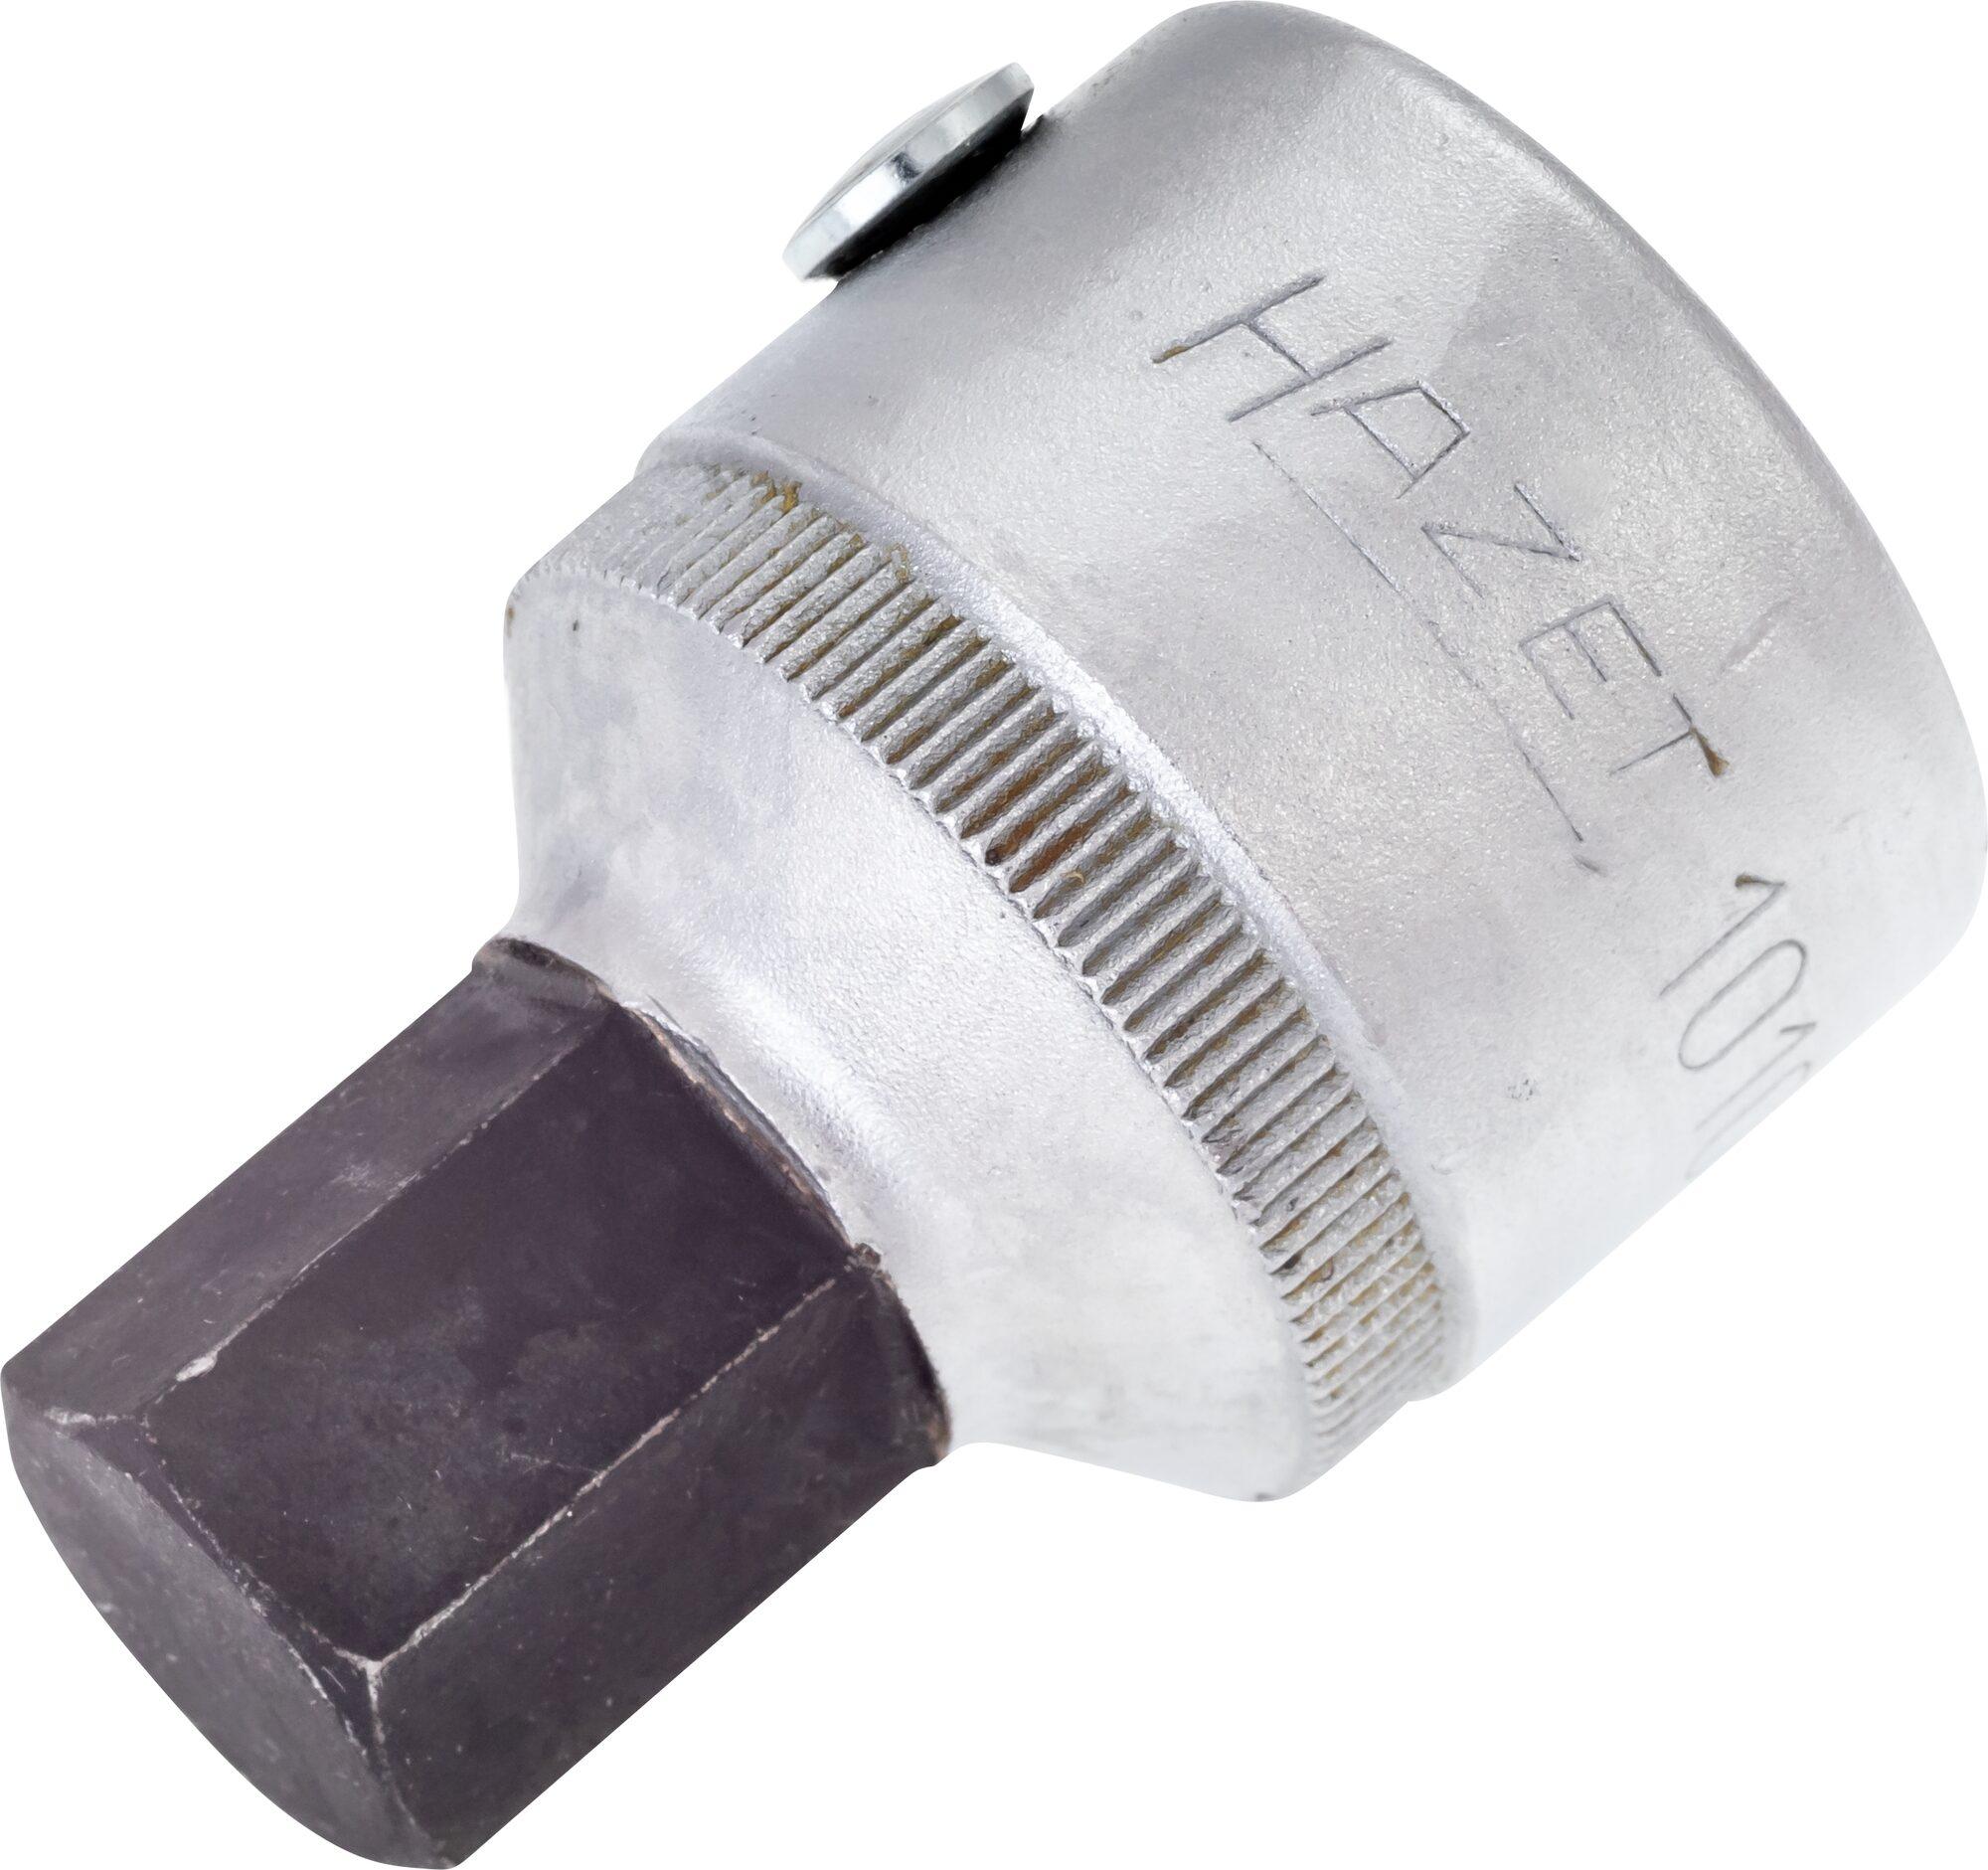 HAZET Schraubendreher-Steckschlüsseleinsatz 1010-17 ∙ Vierkant hohl 20 mm (3/4 Zoll) ∙ Innen-Sechskant Profil ∙ 17 mm